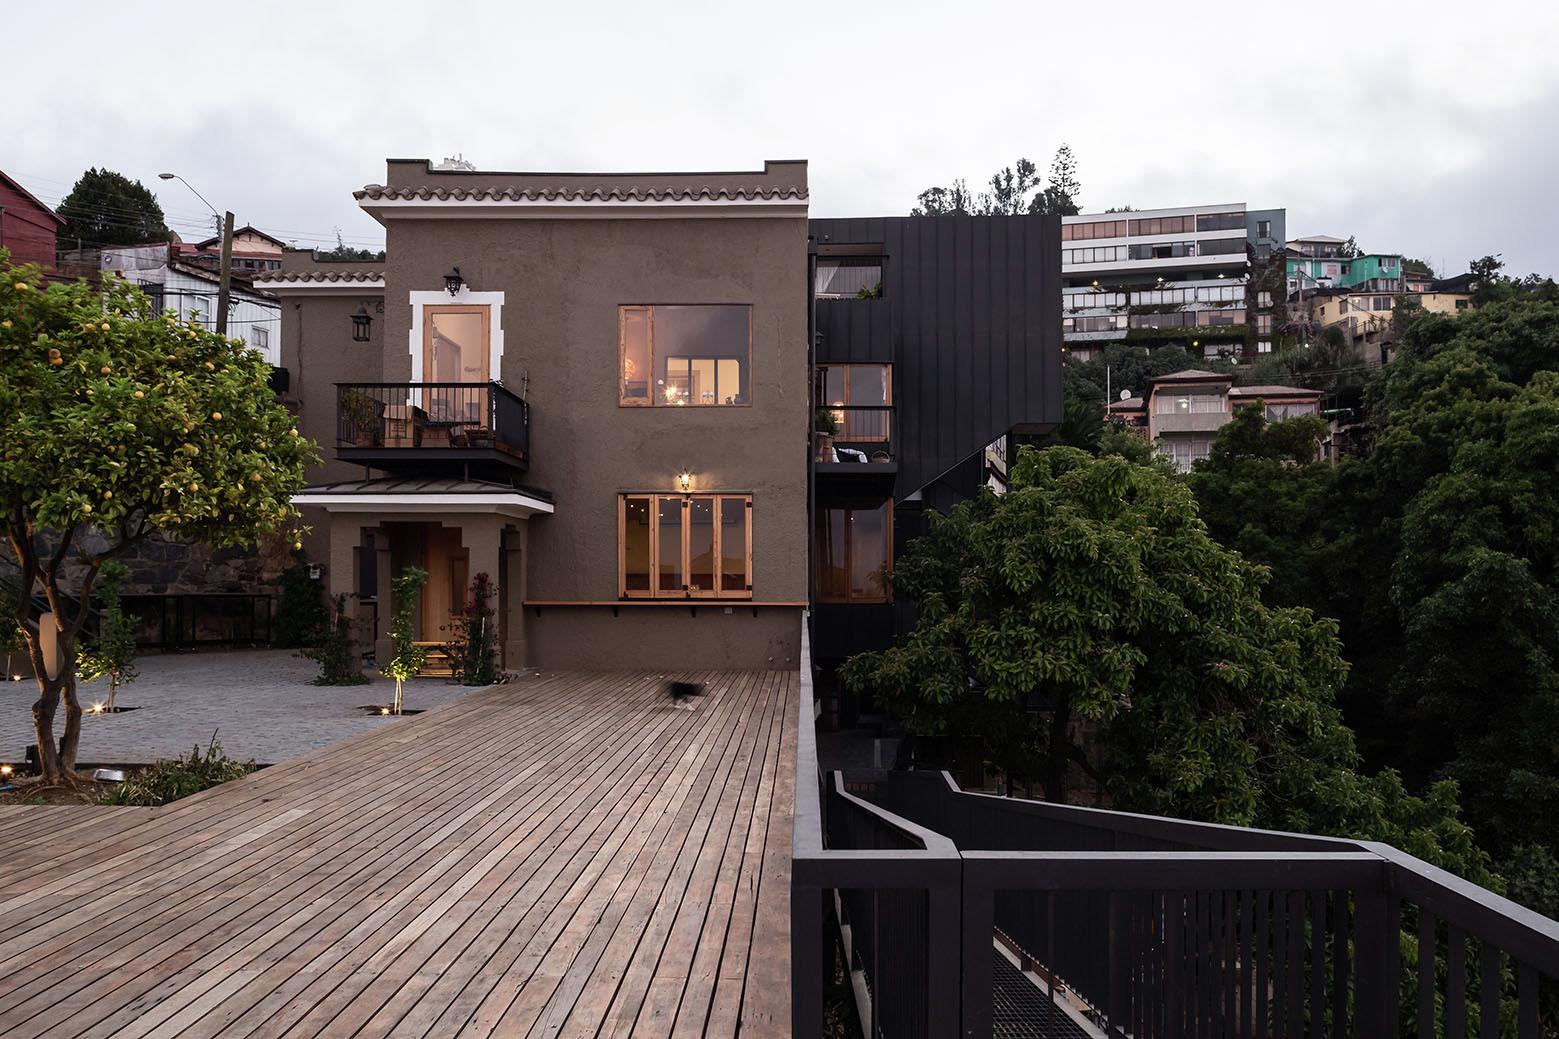 El manzano house refurbishment fantuzzi rodillo for Casa design manzano